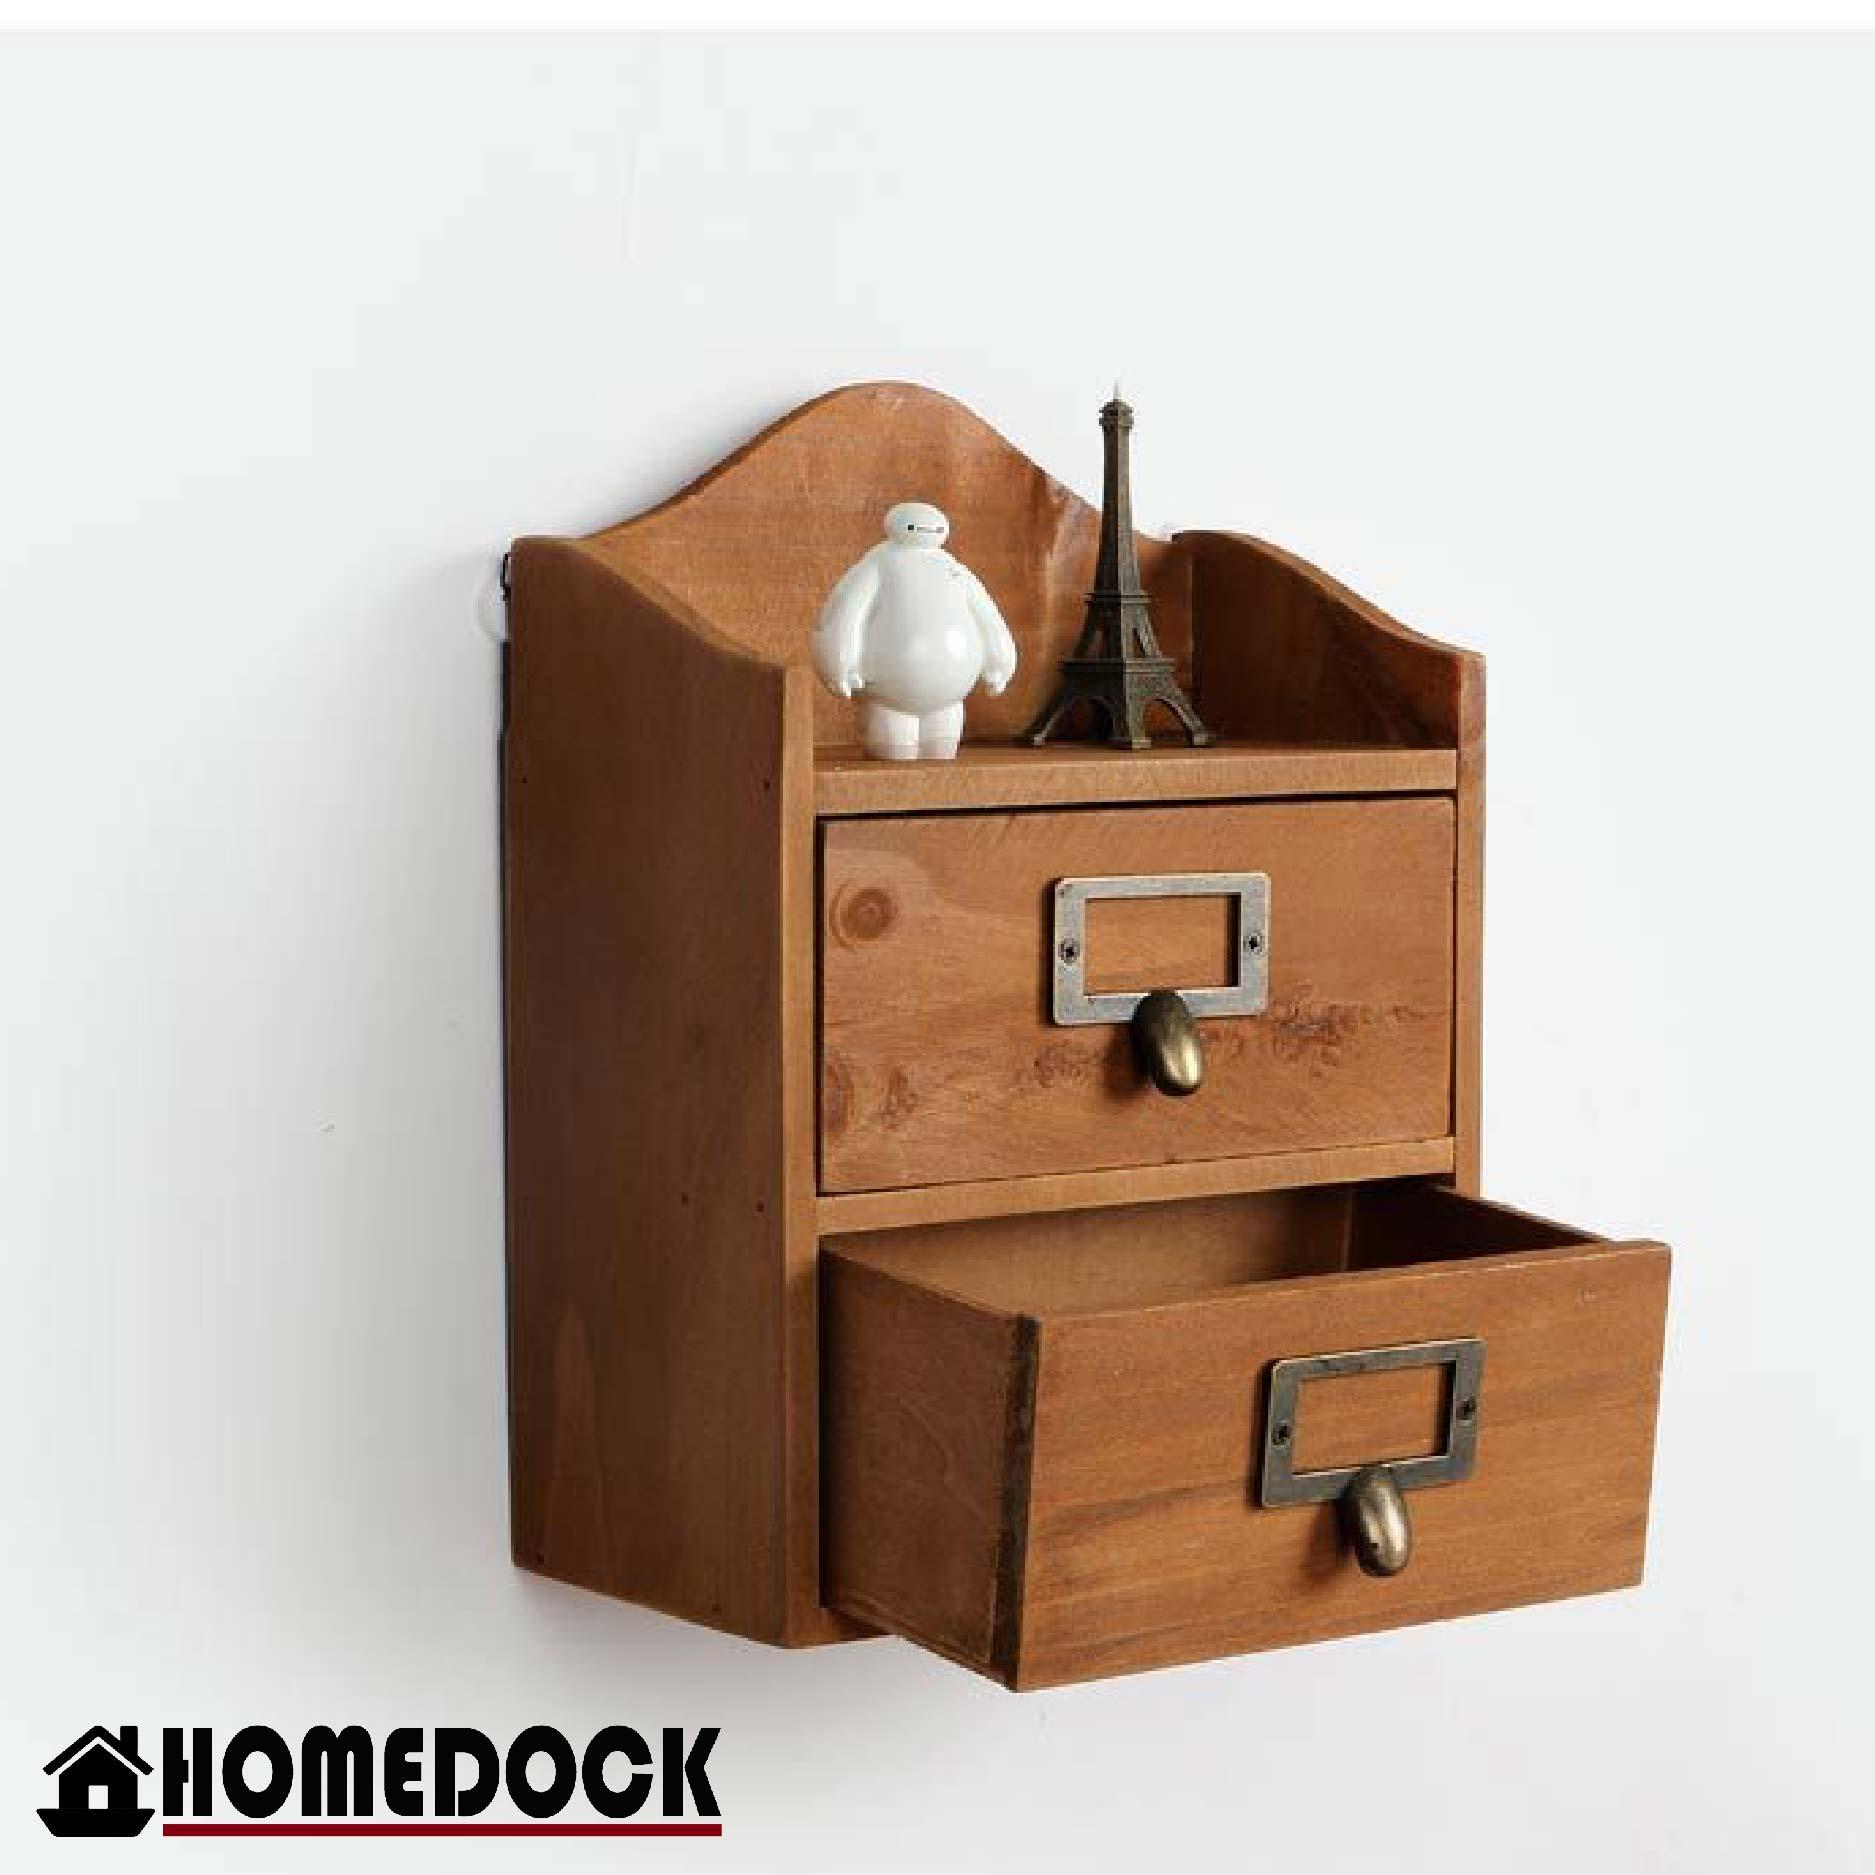 原木質感雙層抽屜整理櫃 /壁櫃/展示櫃/杯架/收納盒/原木/掛壁/壁掛/牆壁